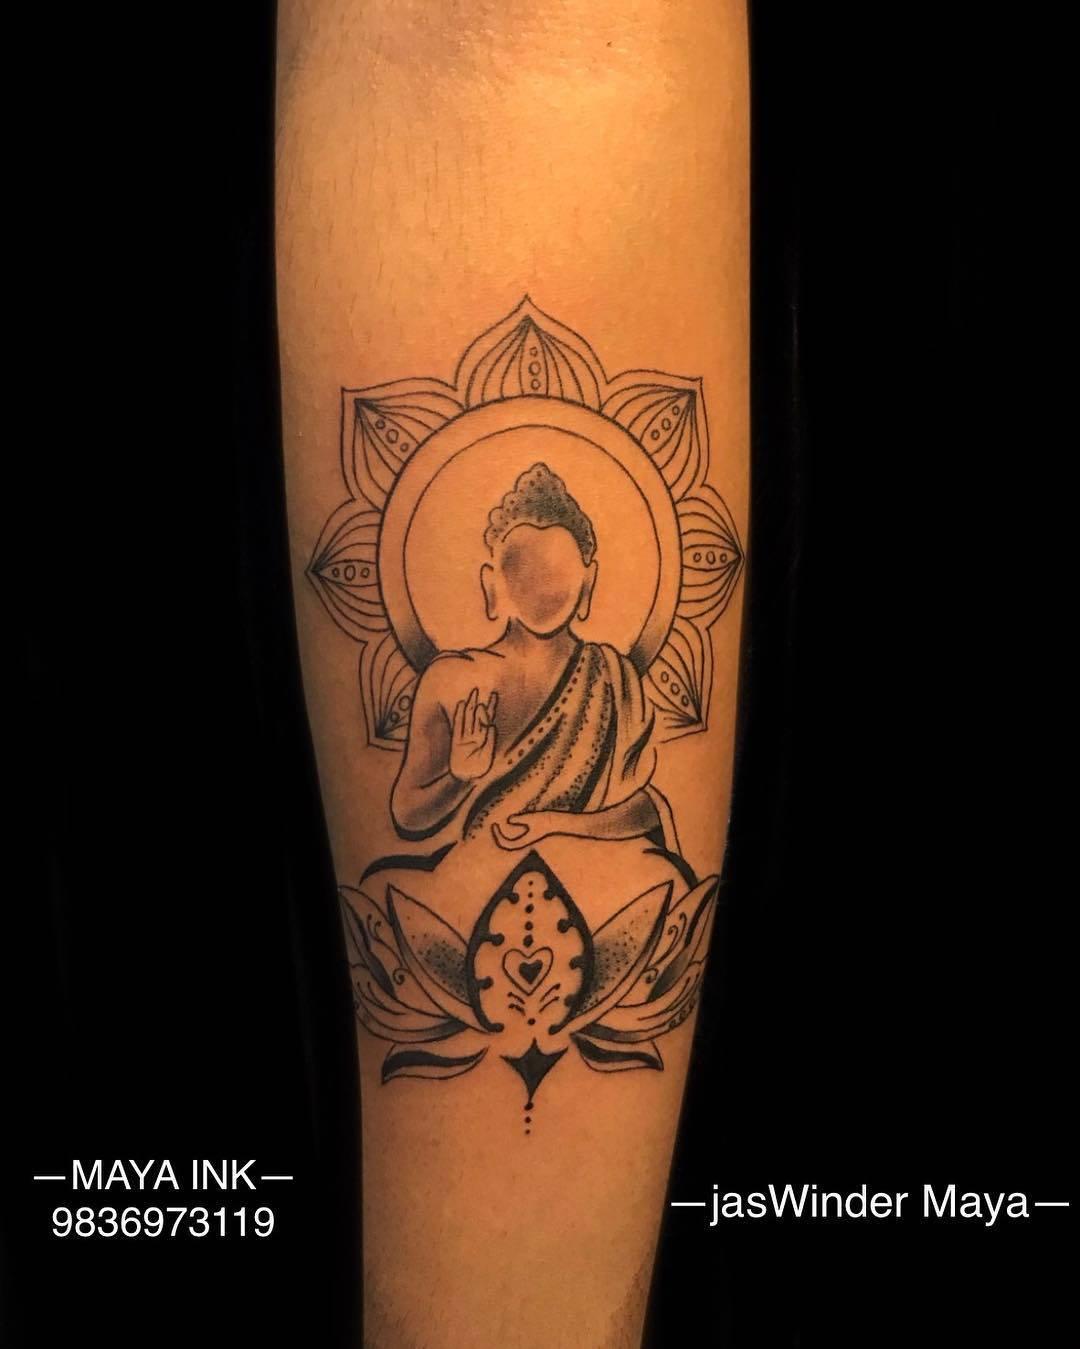 Tattoo by @jaswindermaya